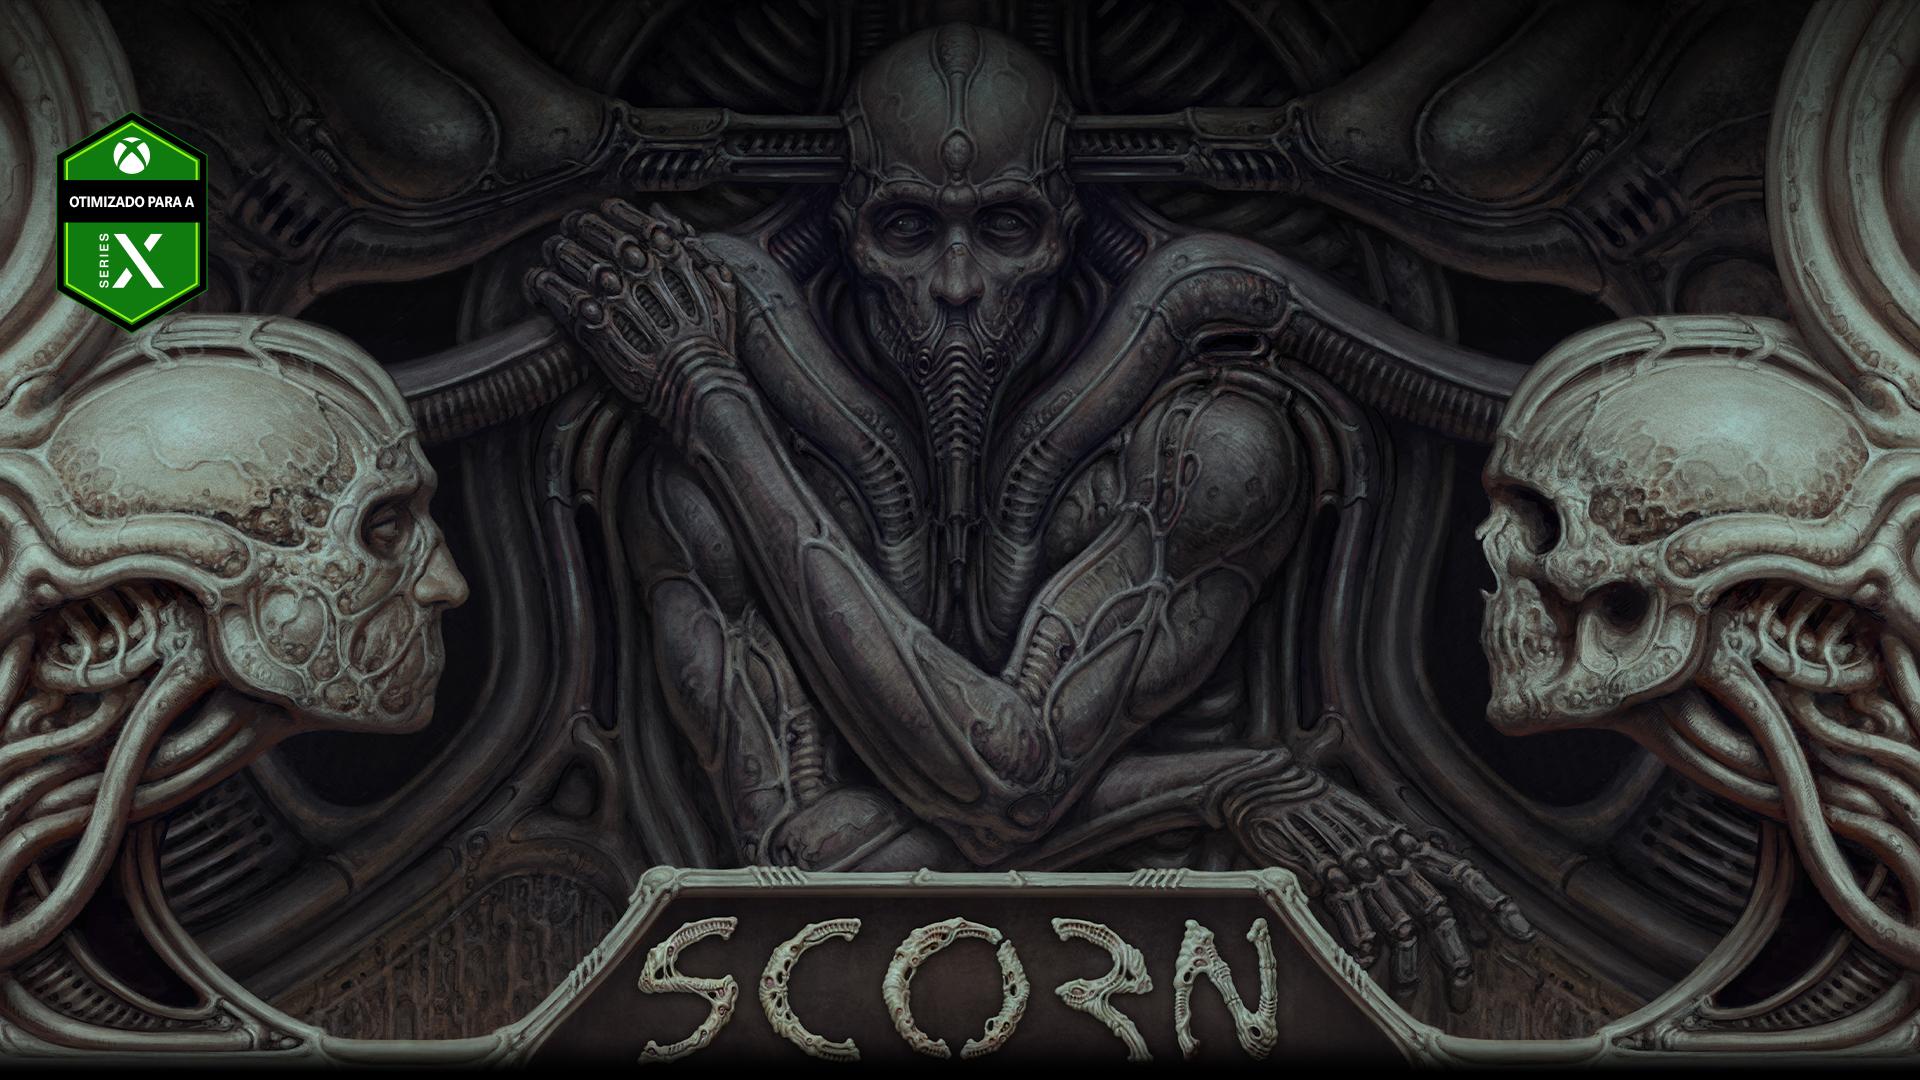 Personagem de Scorn embutido numa parede com duas cabeças de caveira.